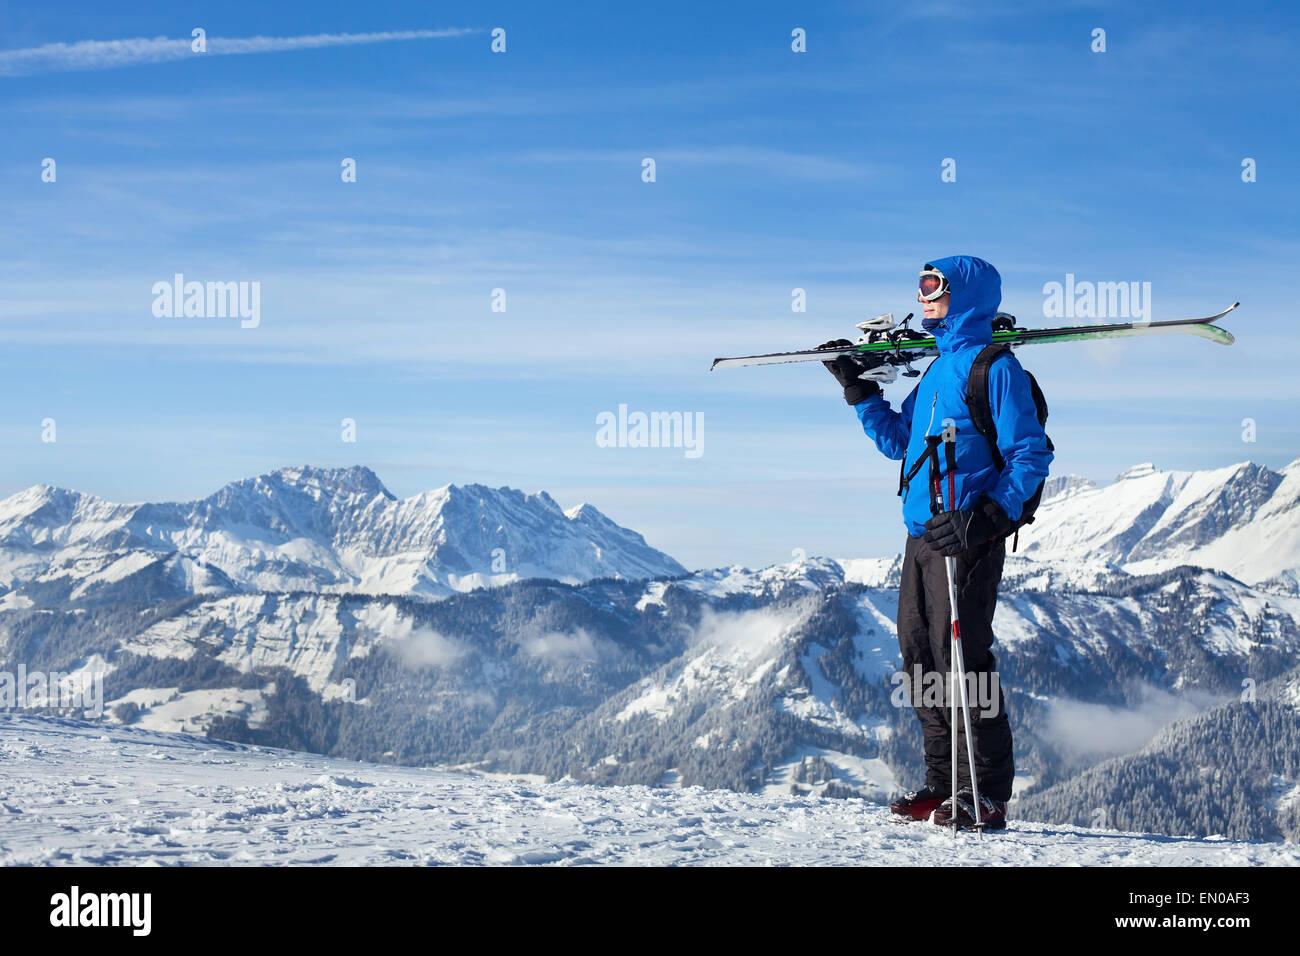 Freestyle de esquí en las montañas alpinas Imagen De Stock